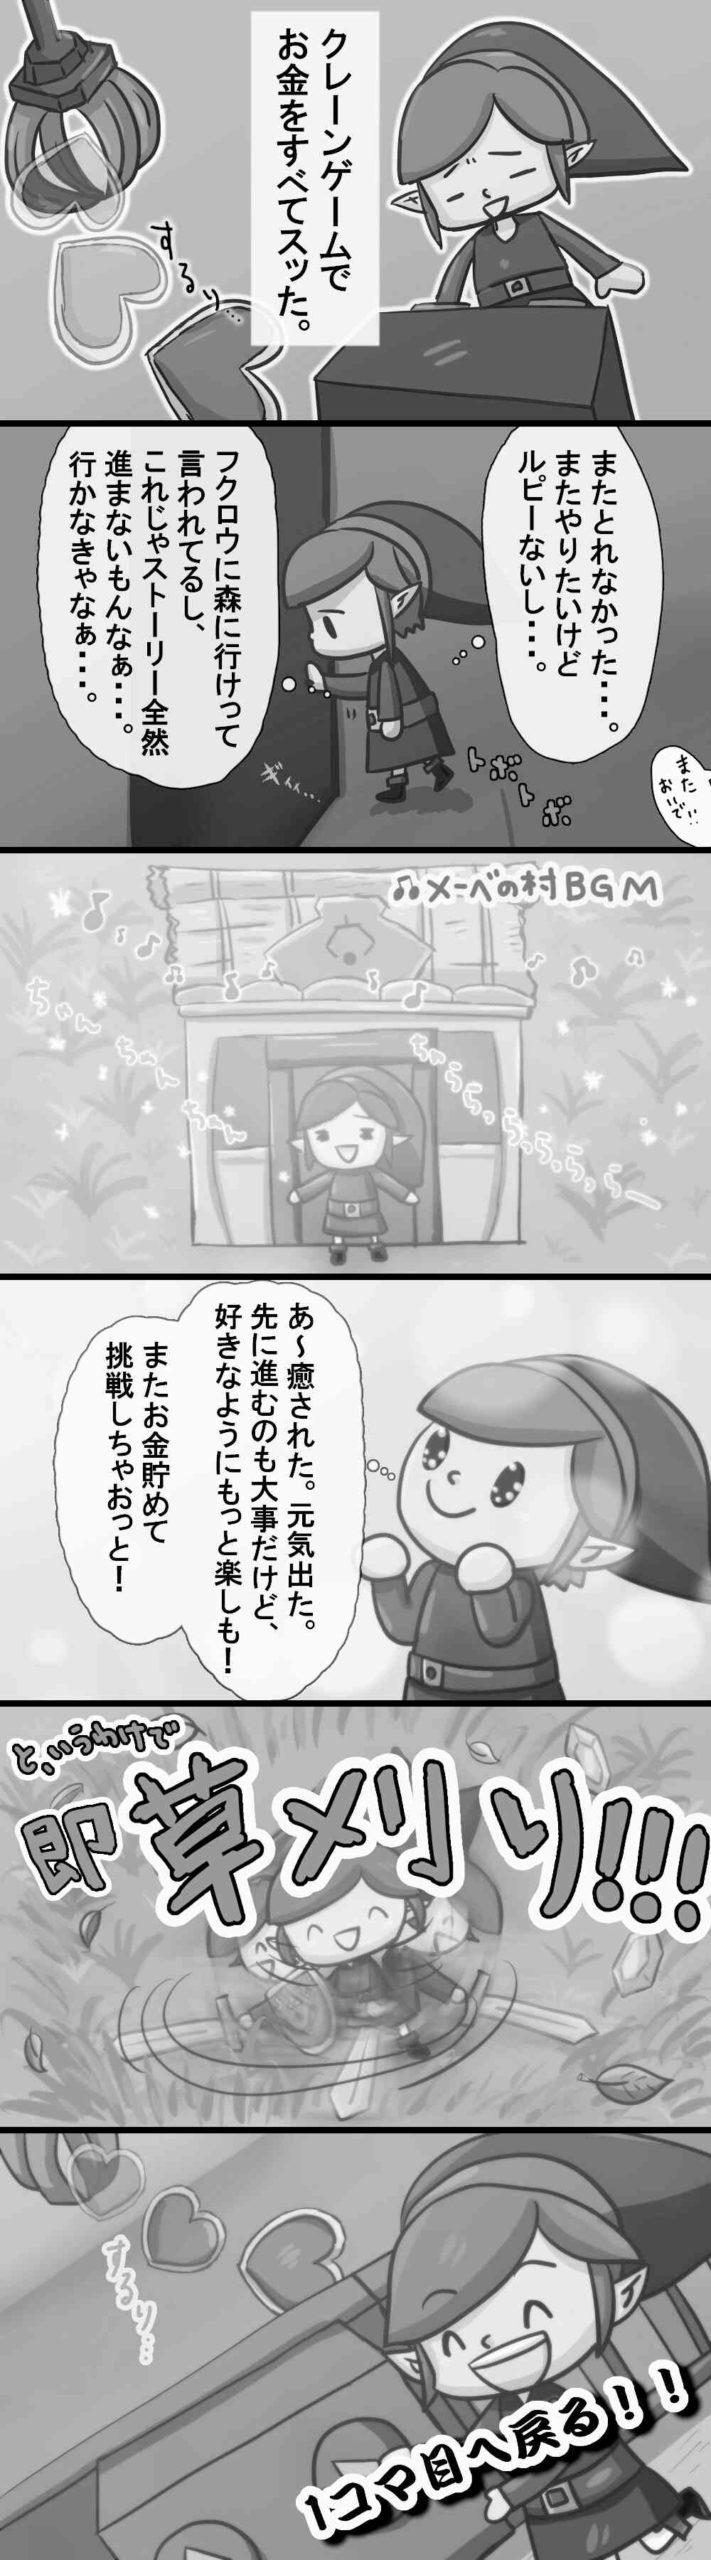 夢をみる島漫画_白黒